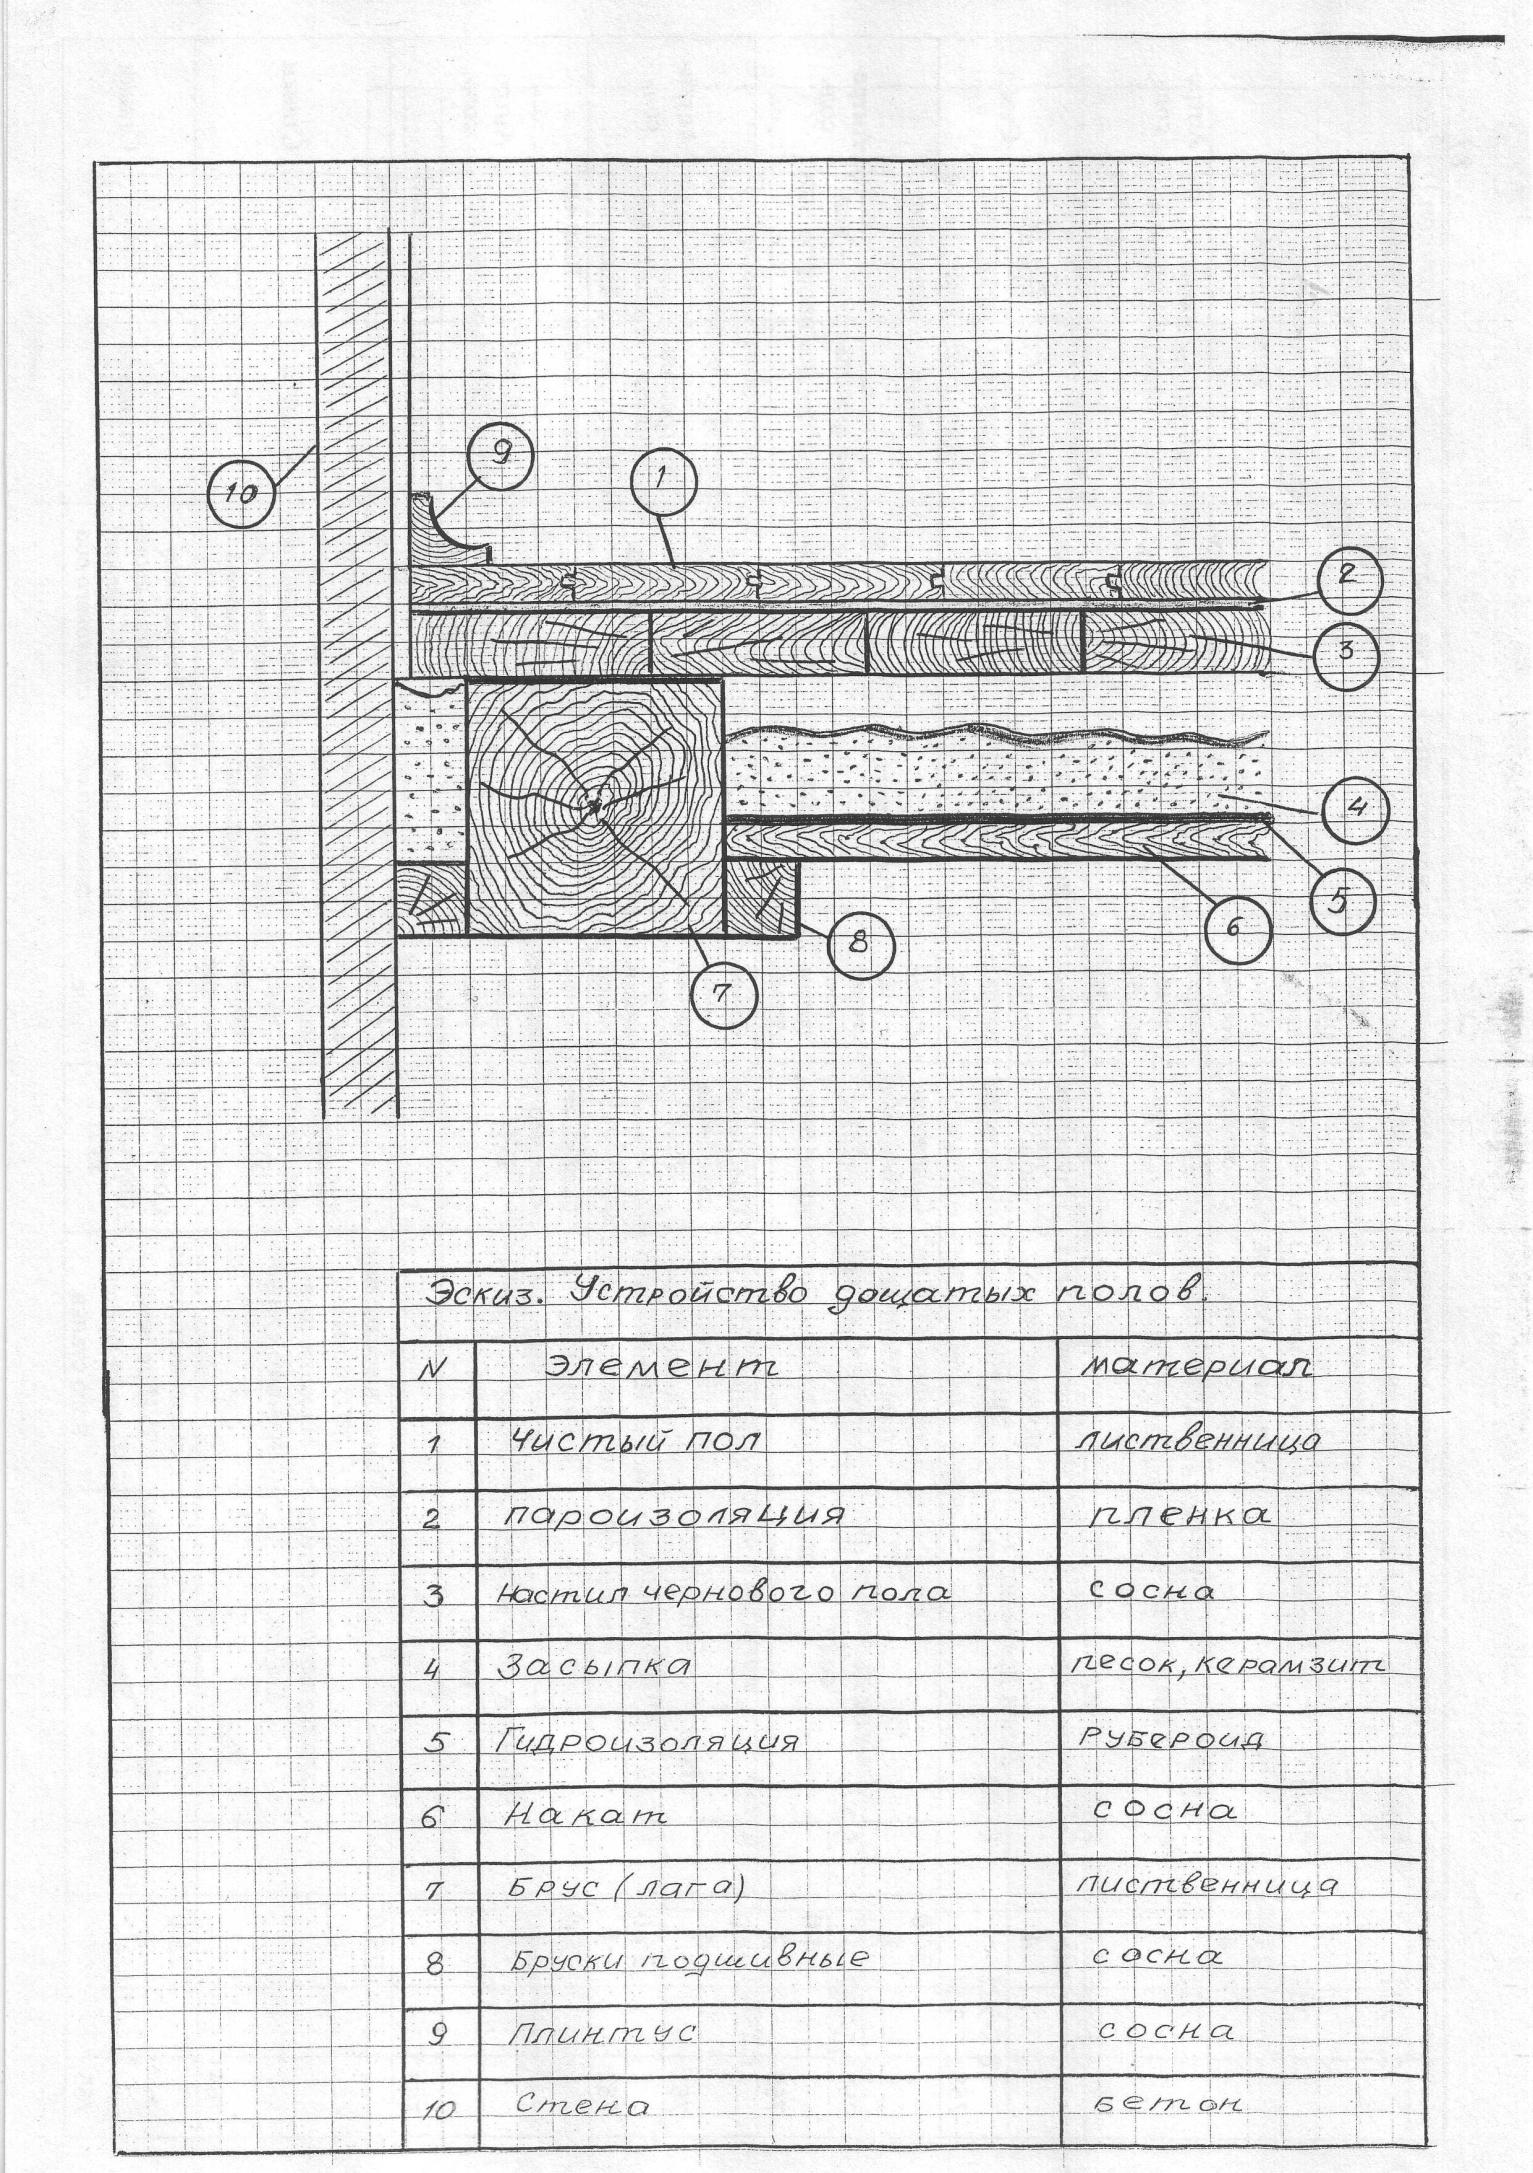 F:\изделия и эскизы\10- 12 класс\Эскизы\Image0023.JPG